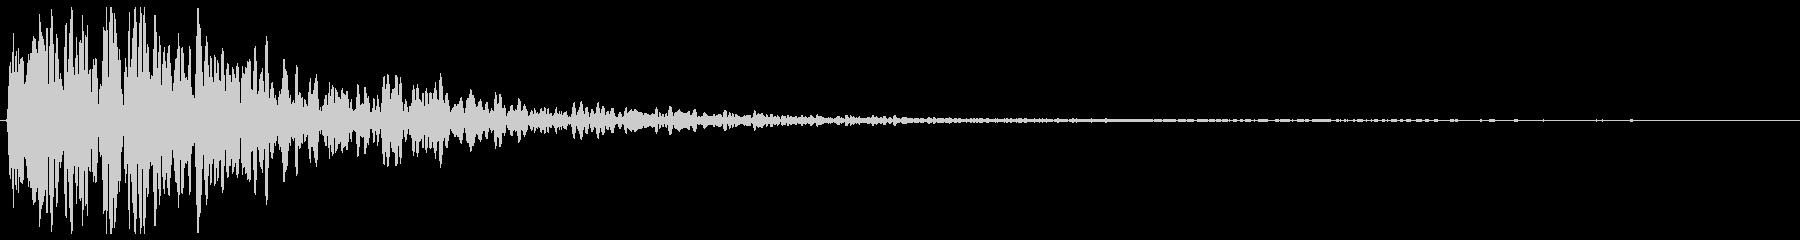 ガーンという金属の音の未再生の波形